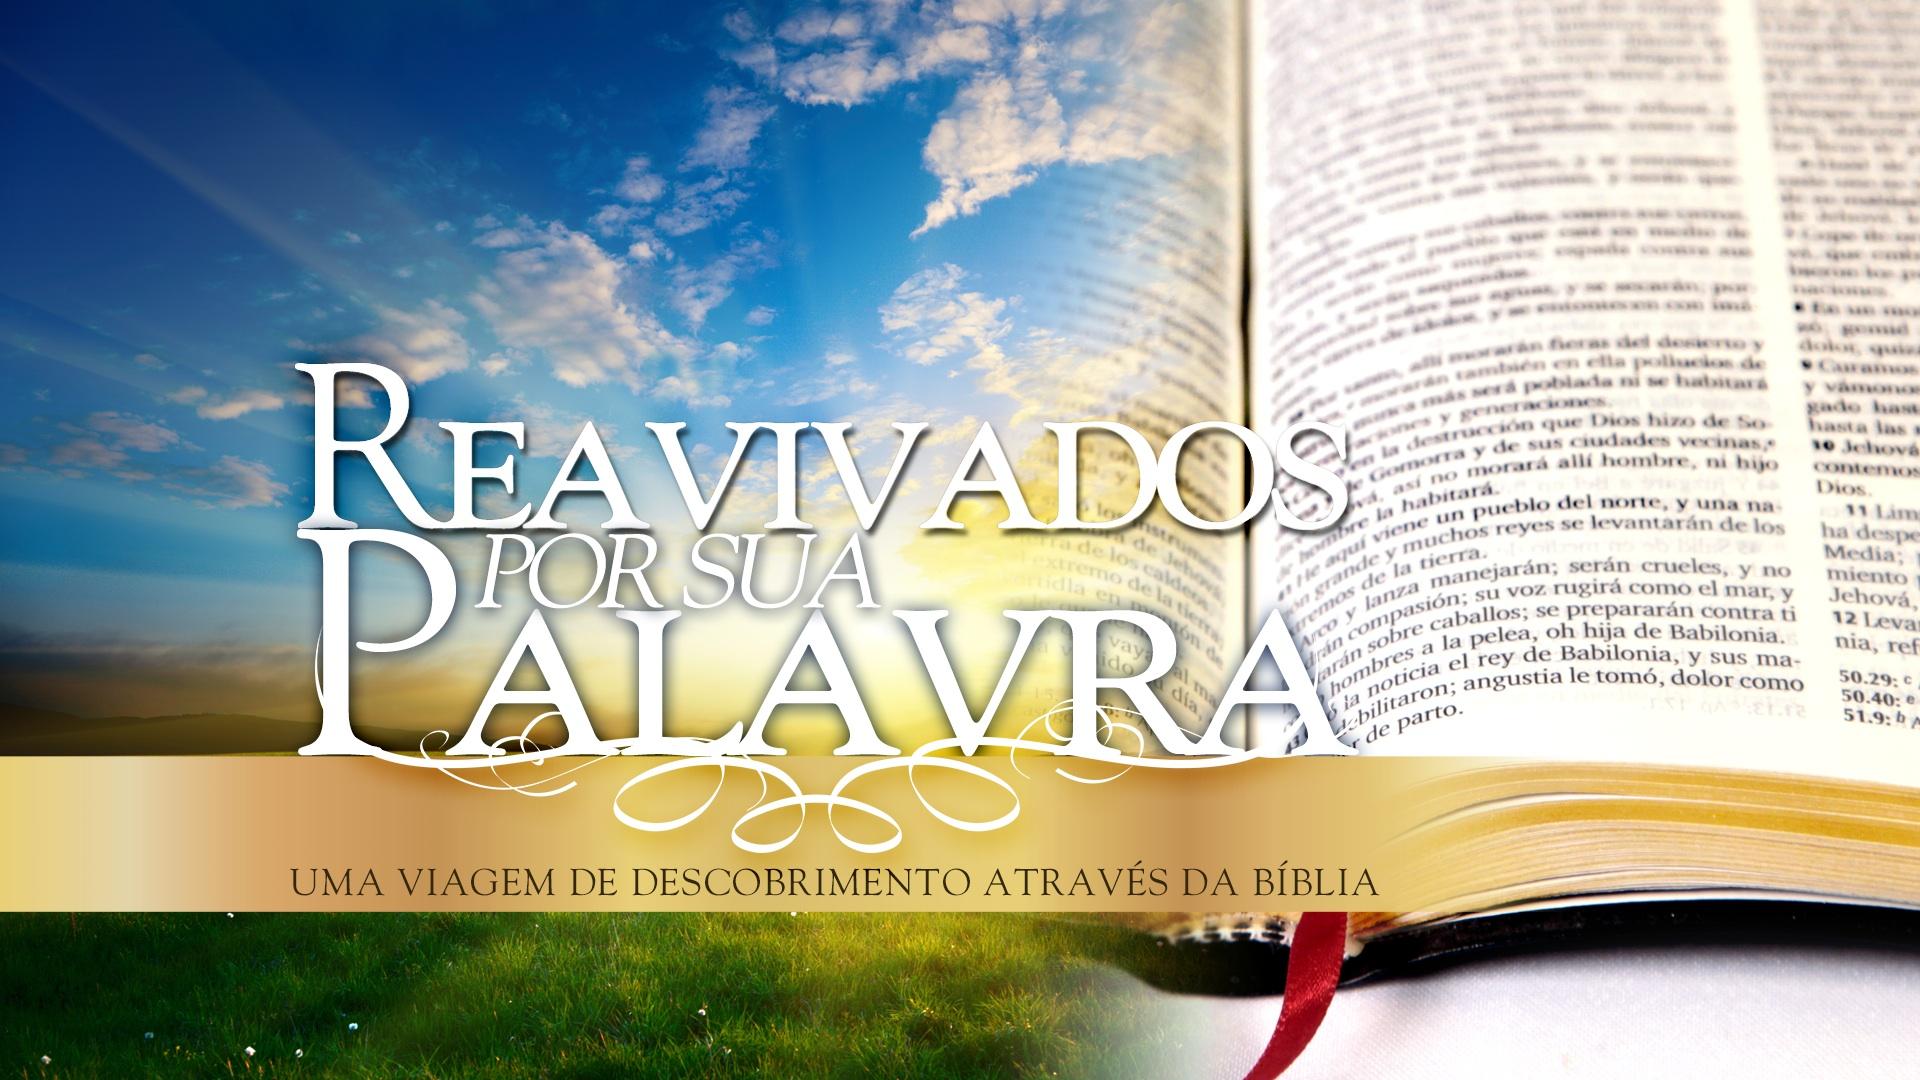 Projeto Reavivados por Sua Palavra deve se encerrar na metade do próximo ano com leitura de toda a Bíblia